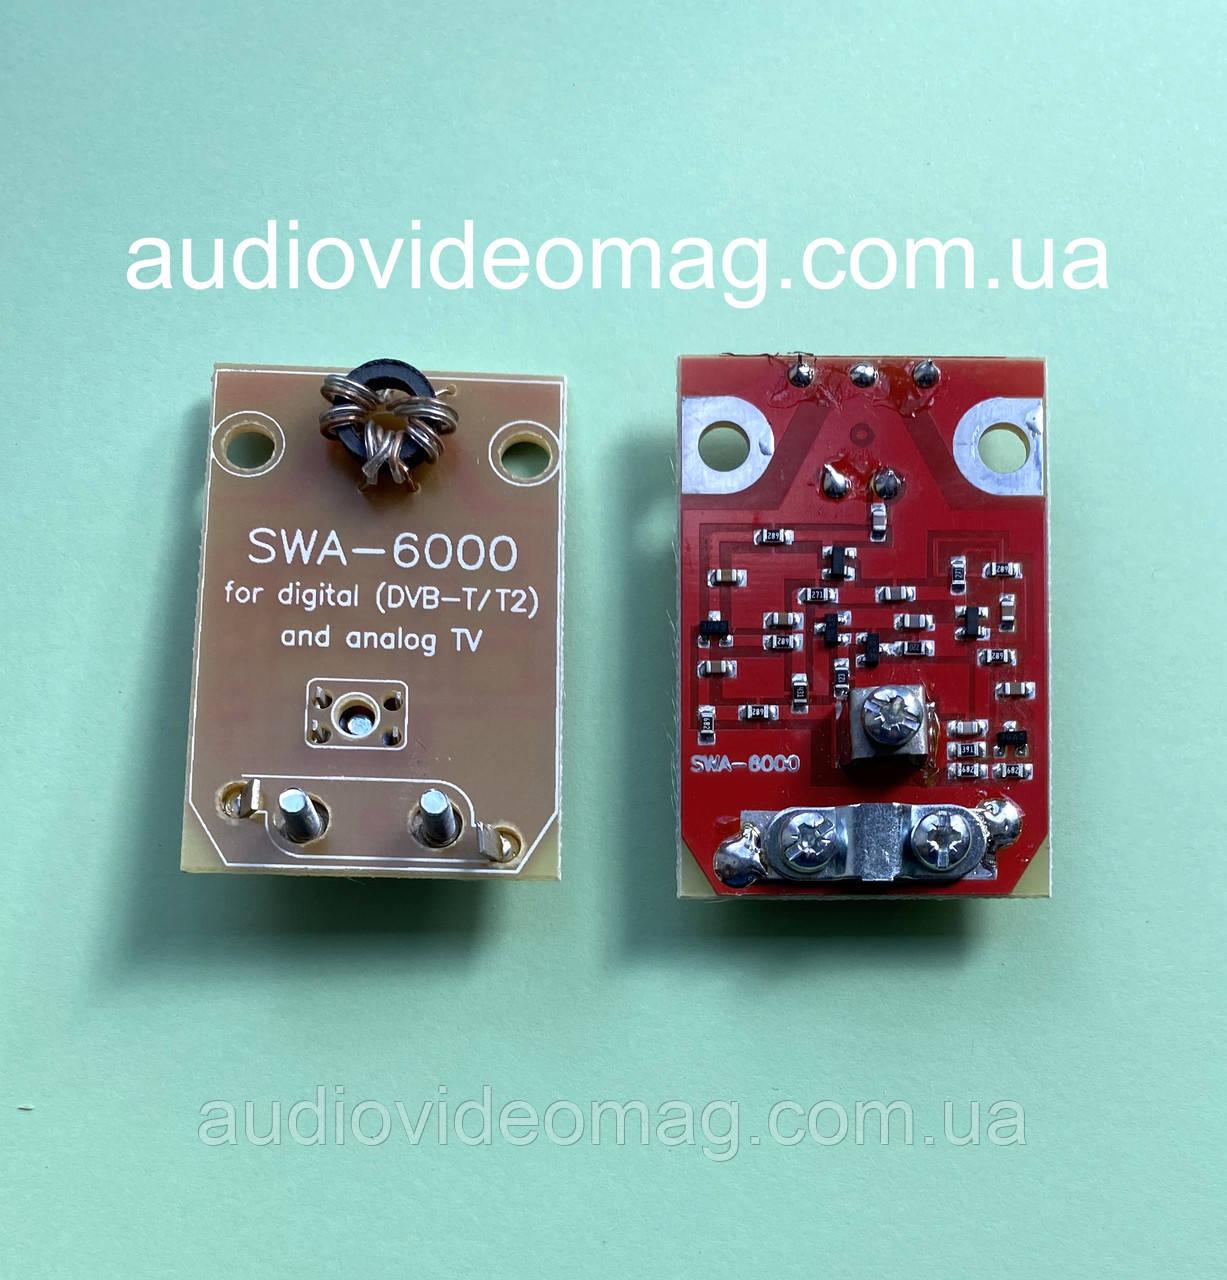 Усилитель SWA-6000 DVB-T2 для антенны